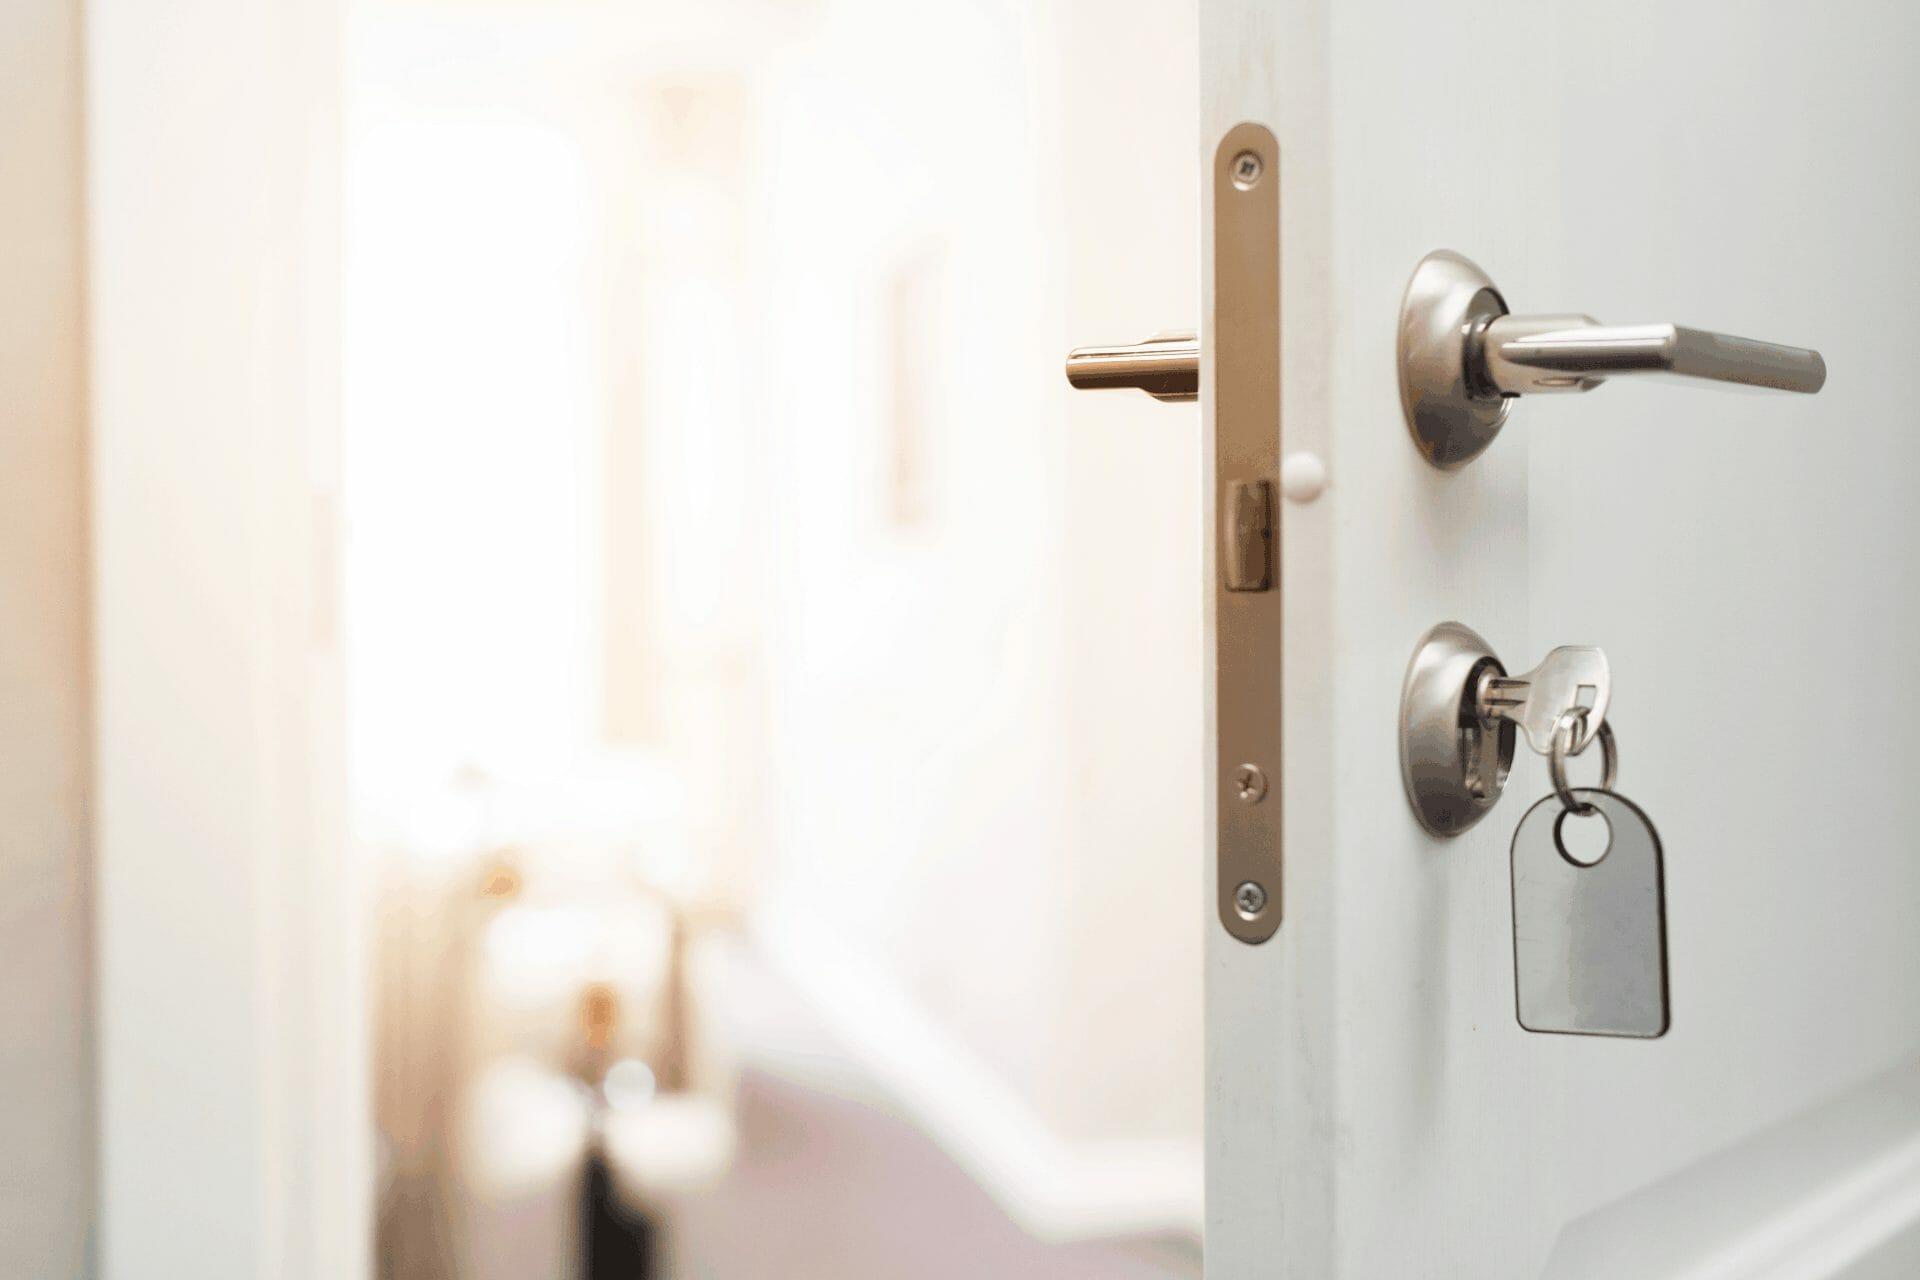 skrzypiace zawiasy w drzwiach